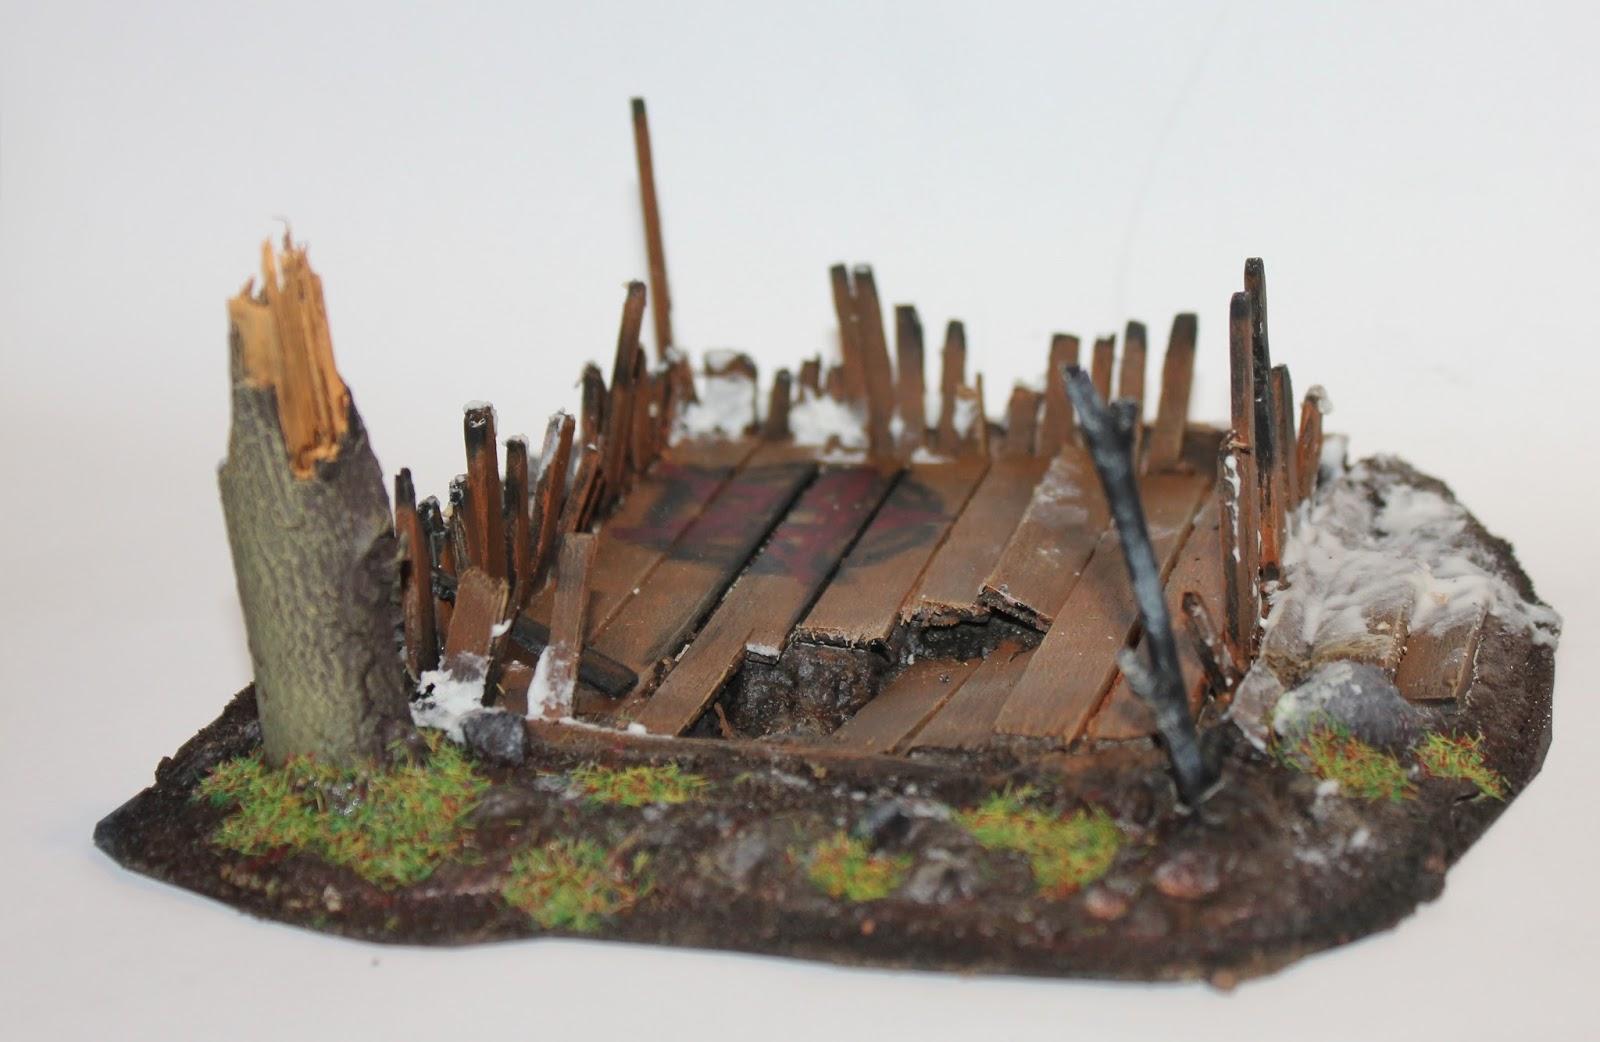 Ruined Hut